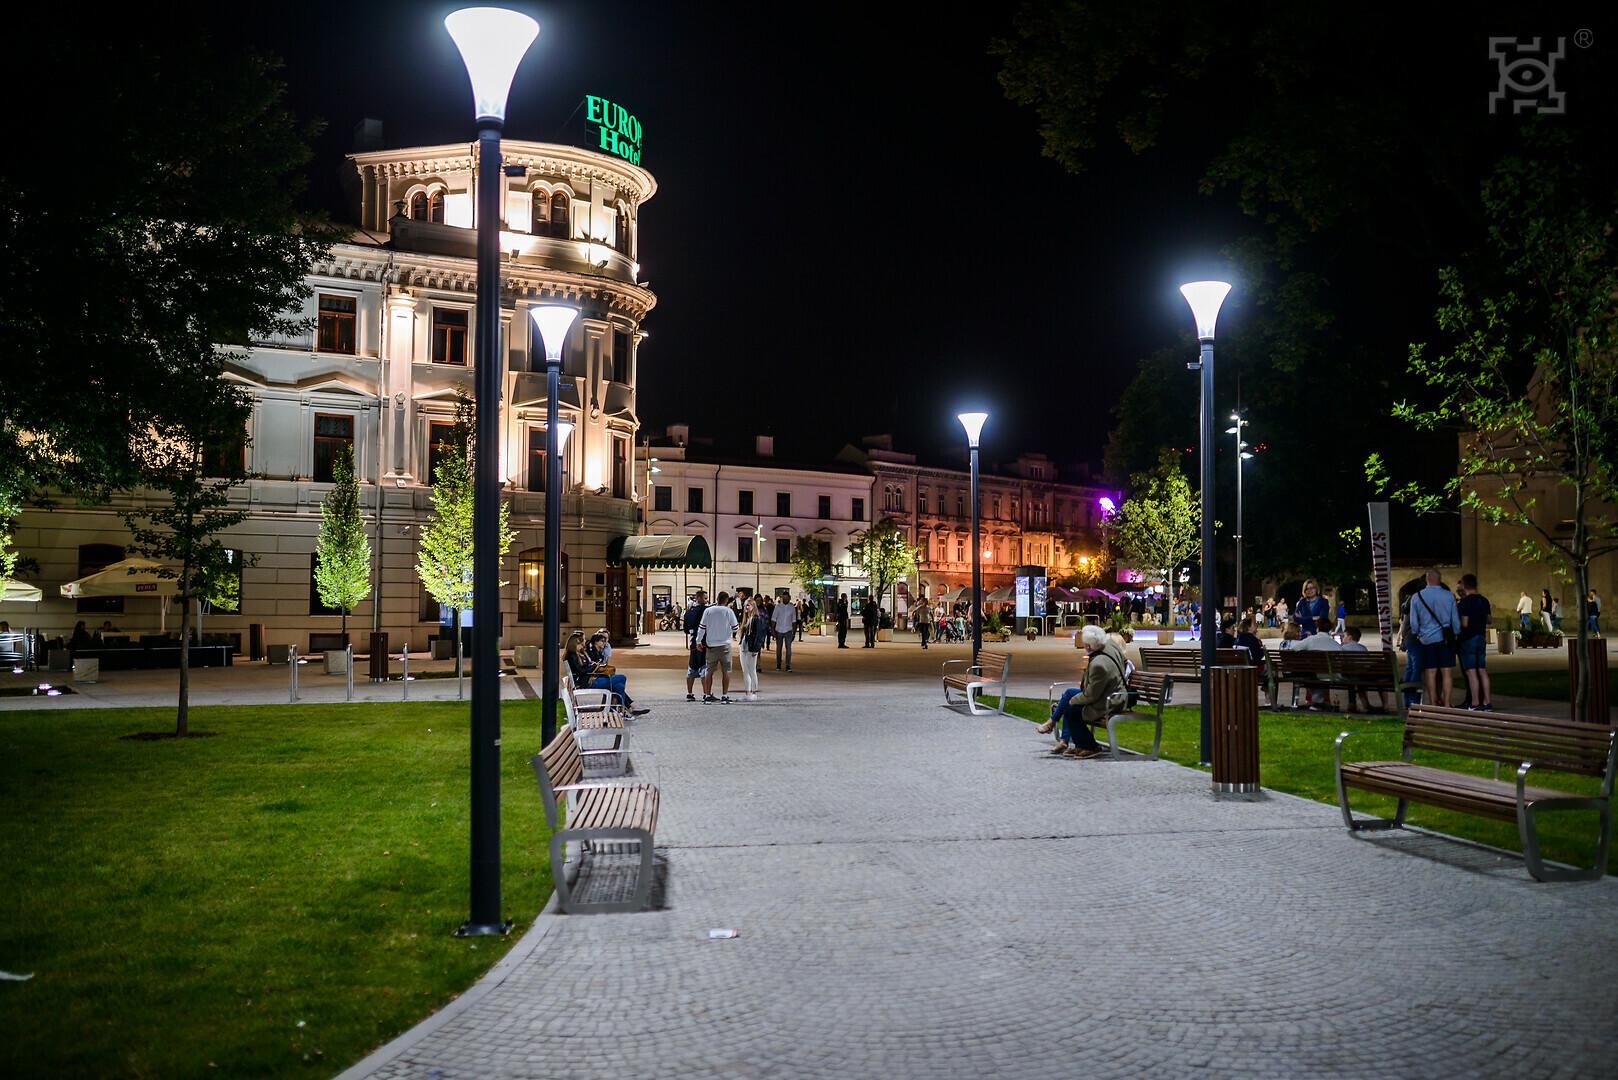 lublin_krakowskie_przedmiescie_-_fot._j._scherer__102,klyWeqWcZmpRmdiQiHtf